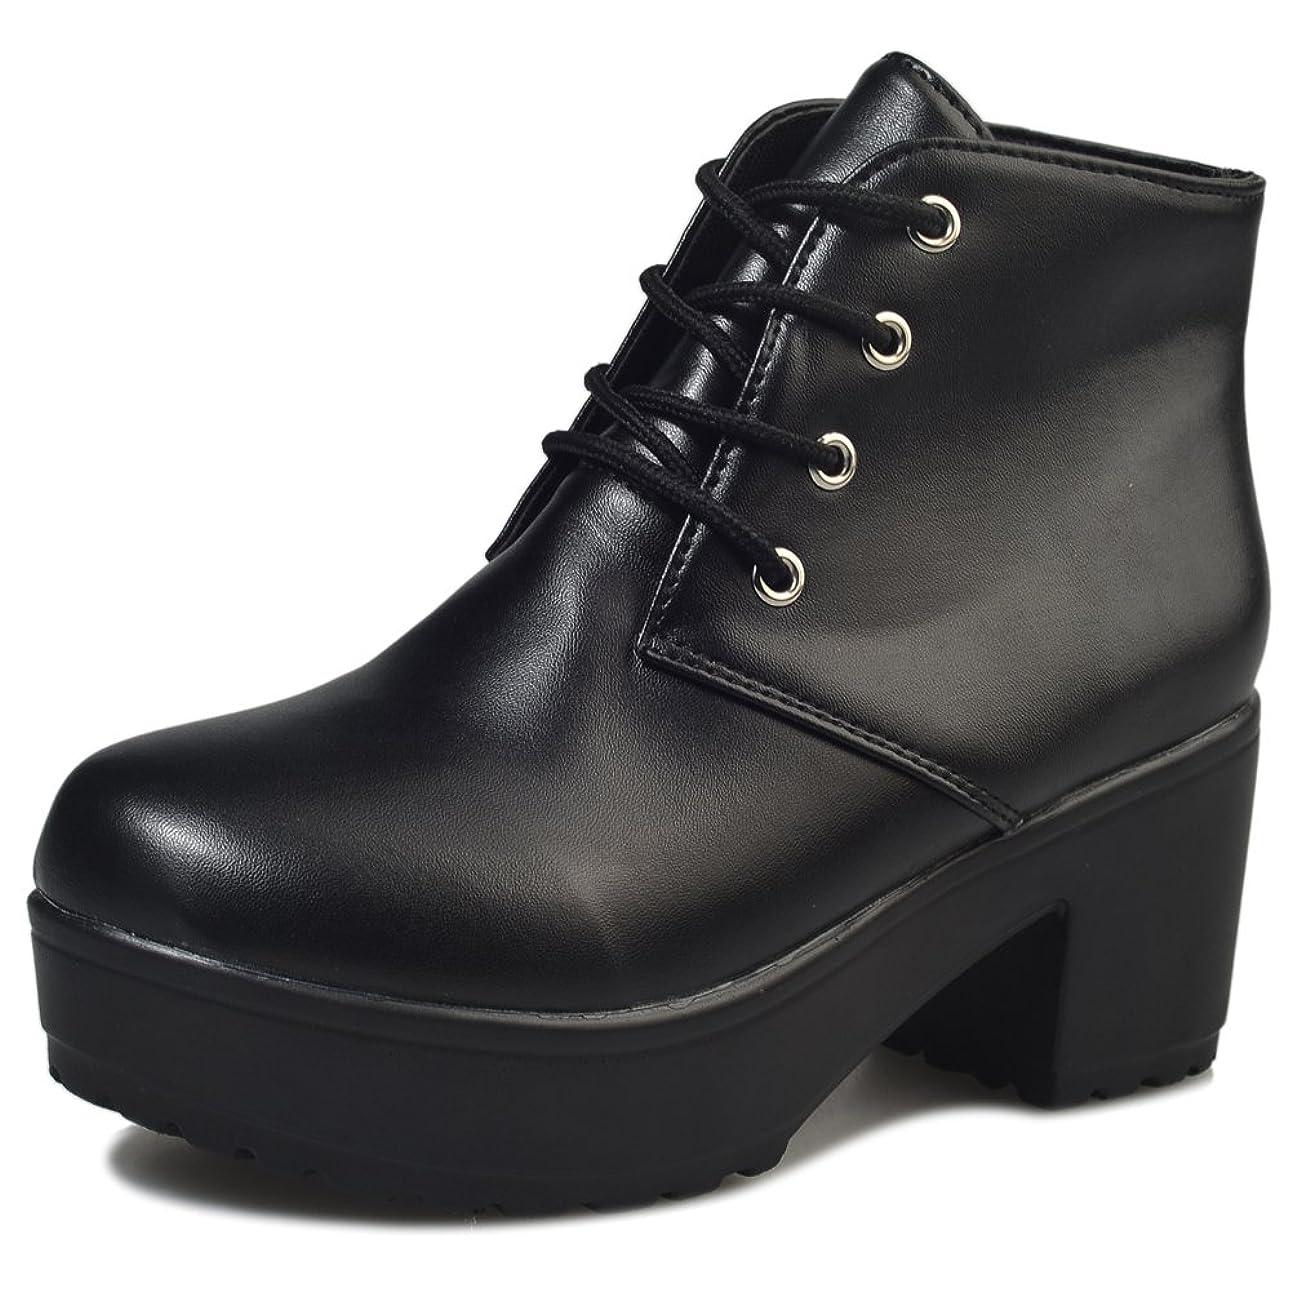 失態錆びドーム[WOOYOO] 22.5cm~25.5cm かわいい ブーティー 厚底靴 ショートブーツ レースアップ レディース ワークブーツ チャンキーヒール カジュアル ブーティー オシャレ 大きいサイズ 黒?白